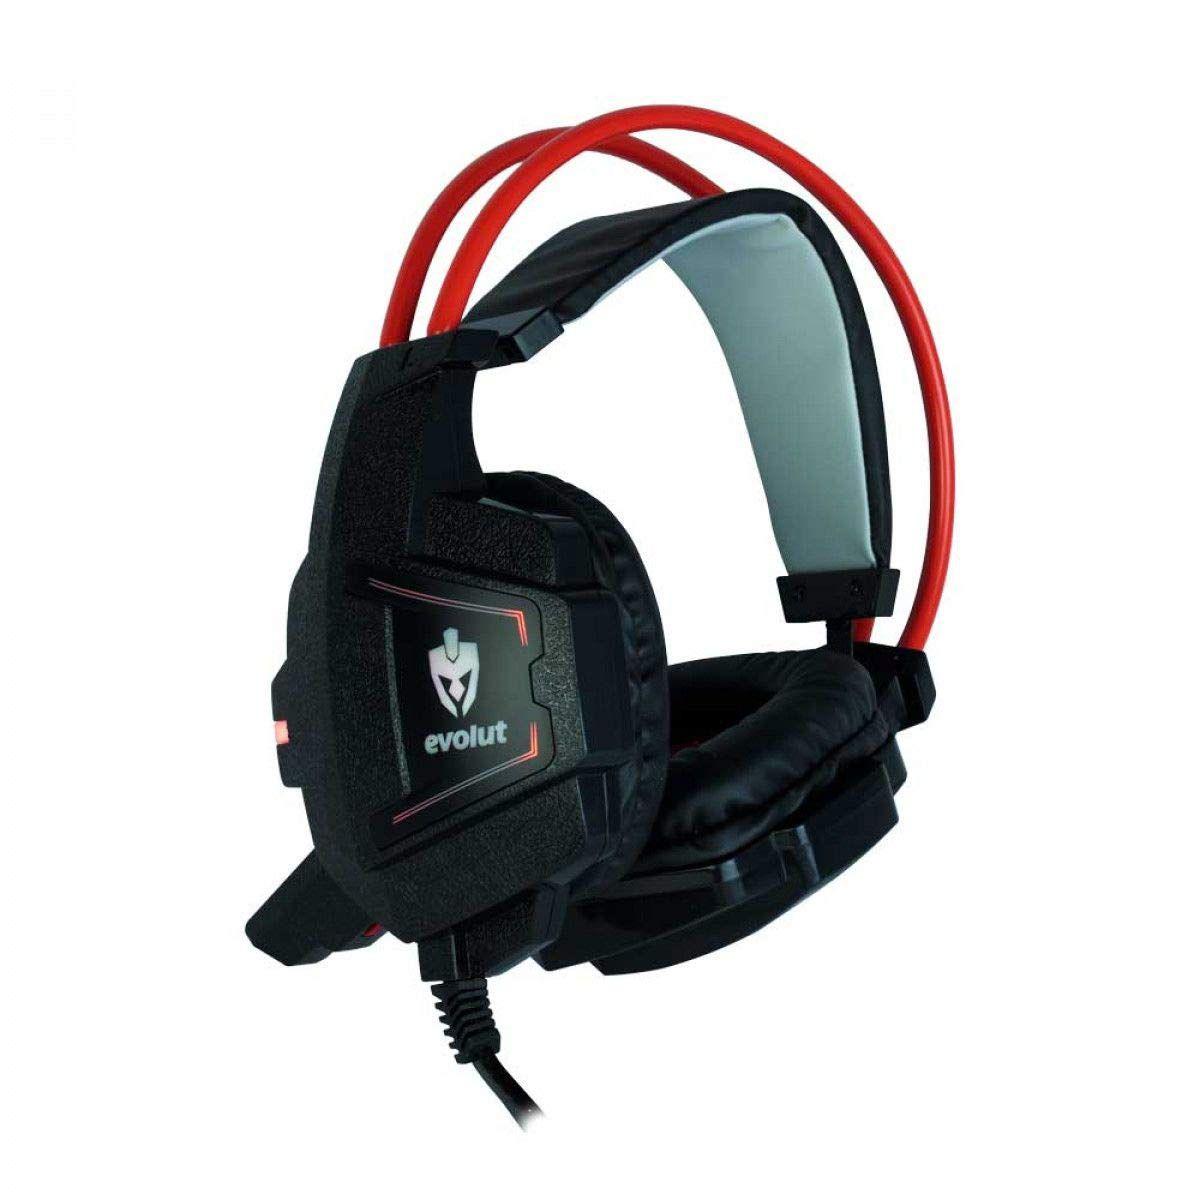 Headset Gamer Evolut EG-303 com LED